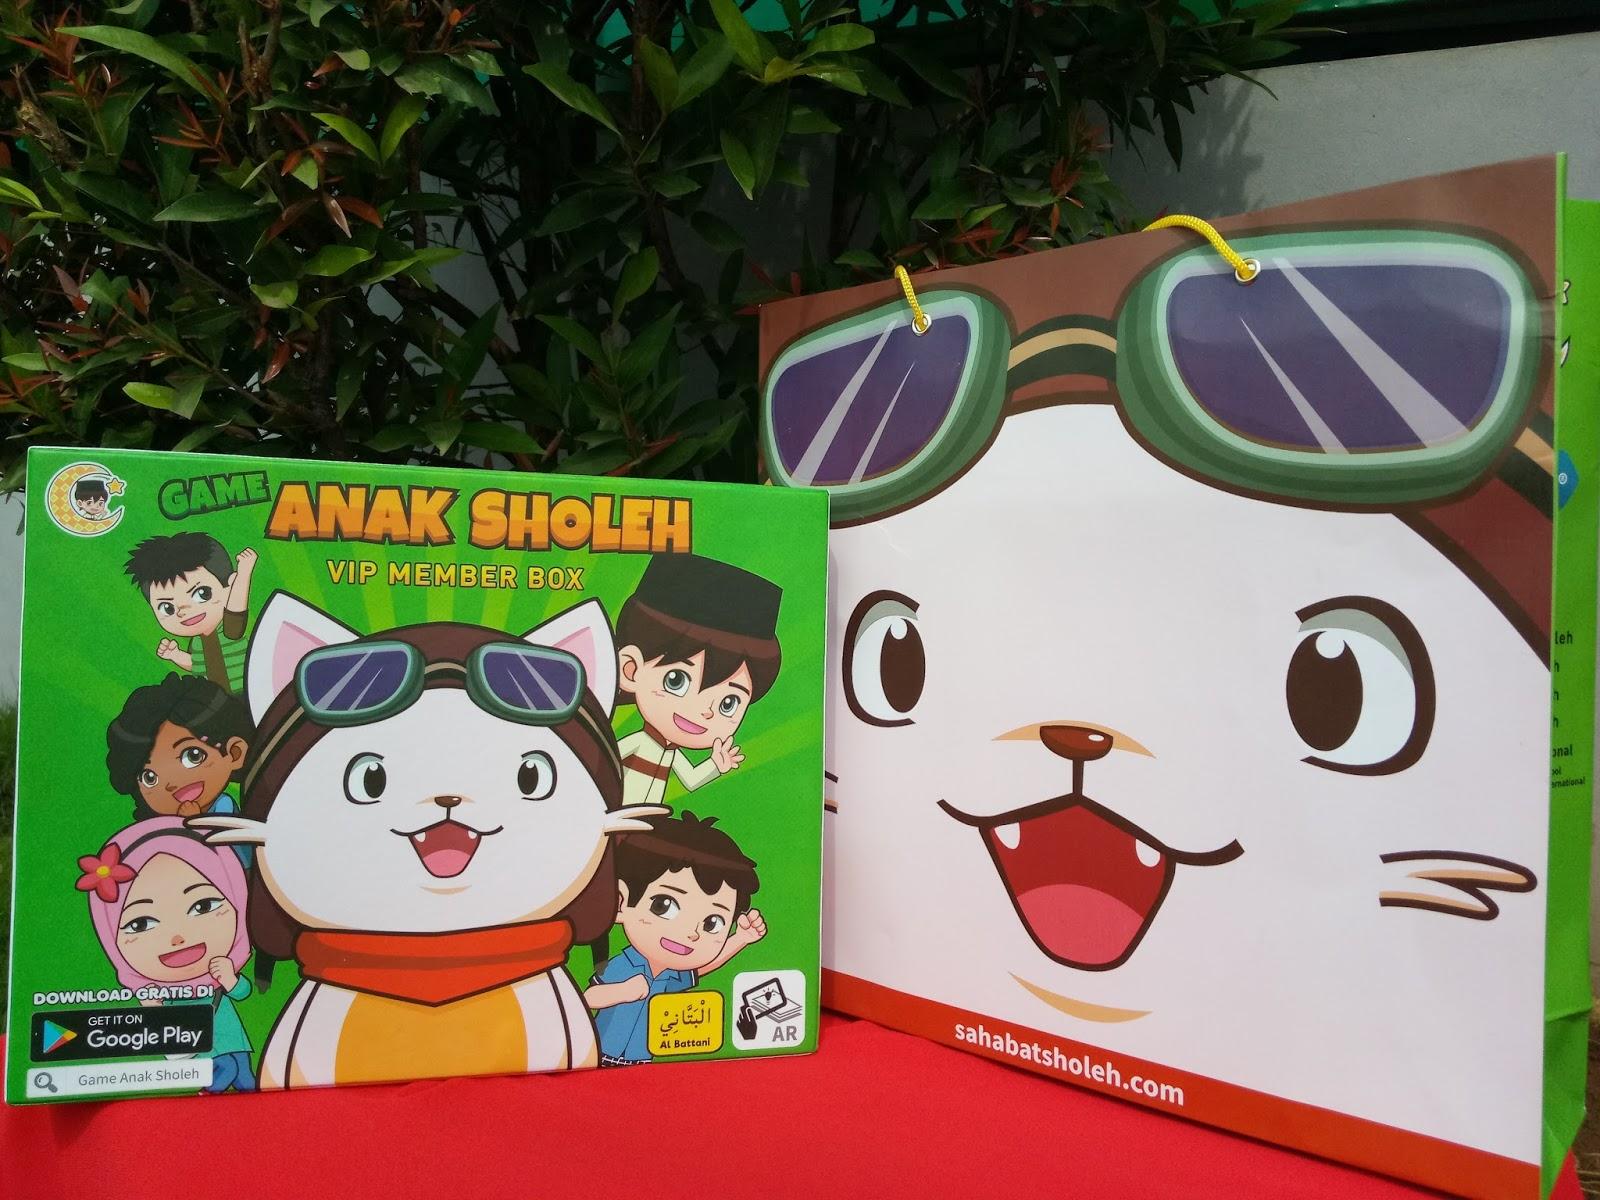 Game Anak Sholeh Game Edukasi Penuh Tantangan Untuk Anak